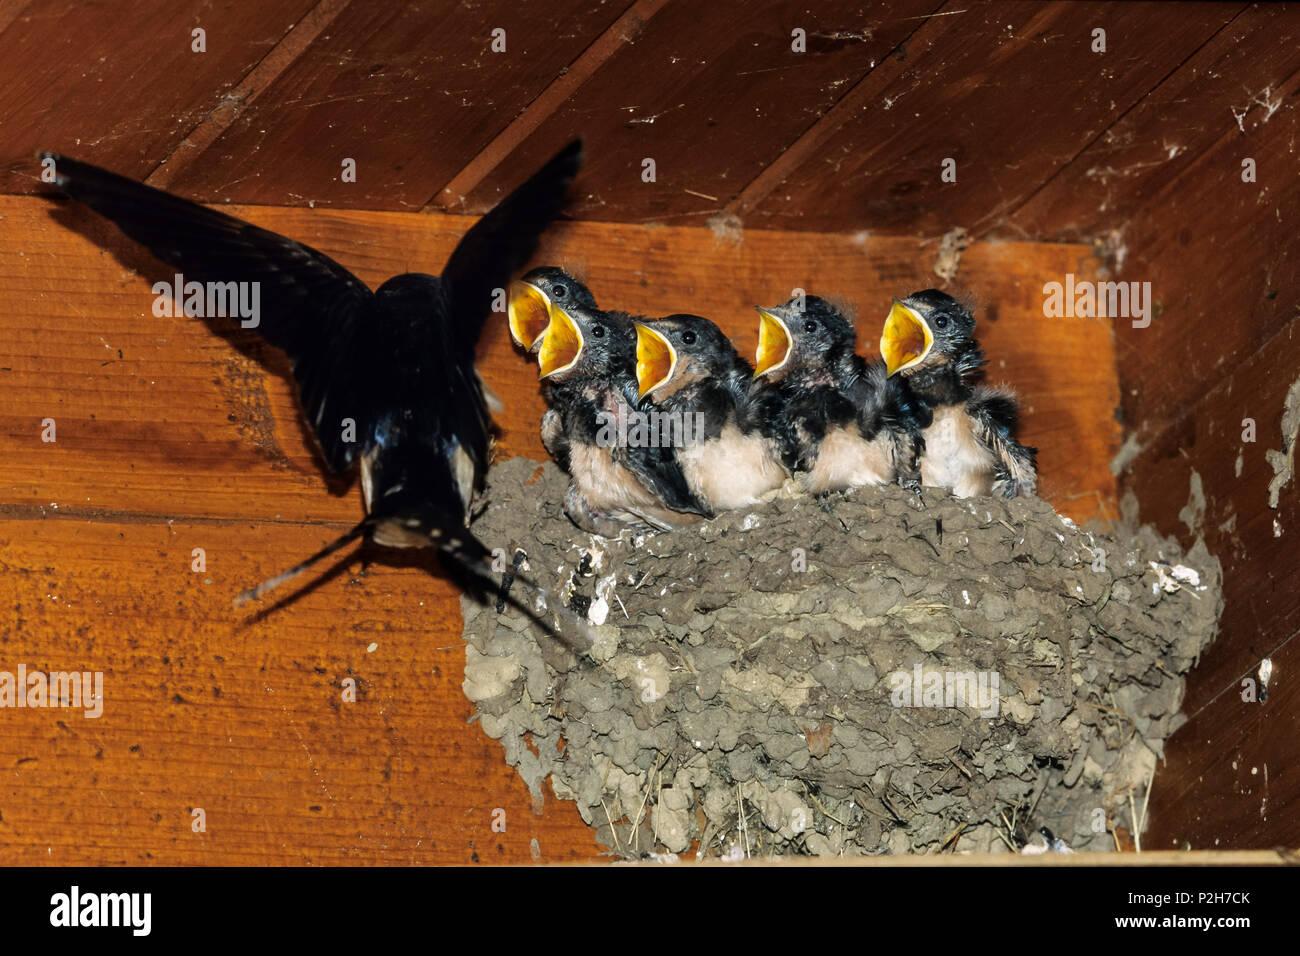 Schwalbe mit Nest, Hirundo rustica, Griechenland, Europa Stockbild